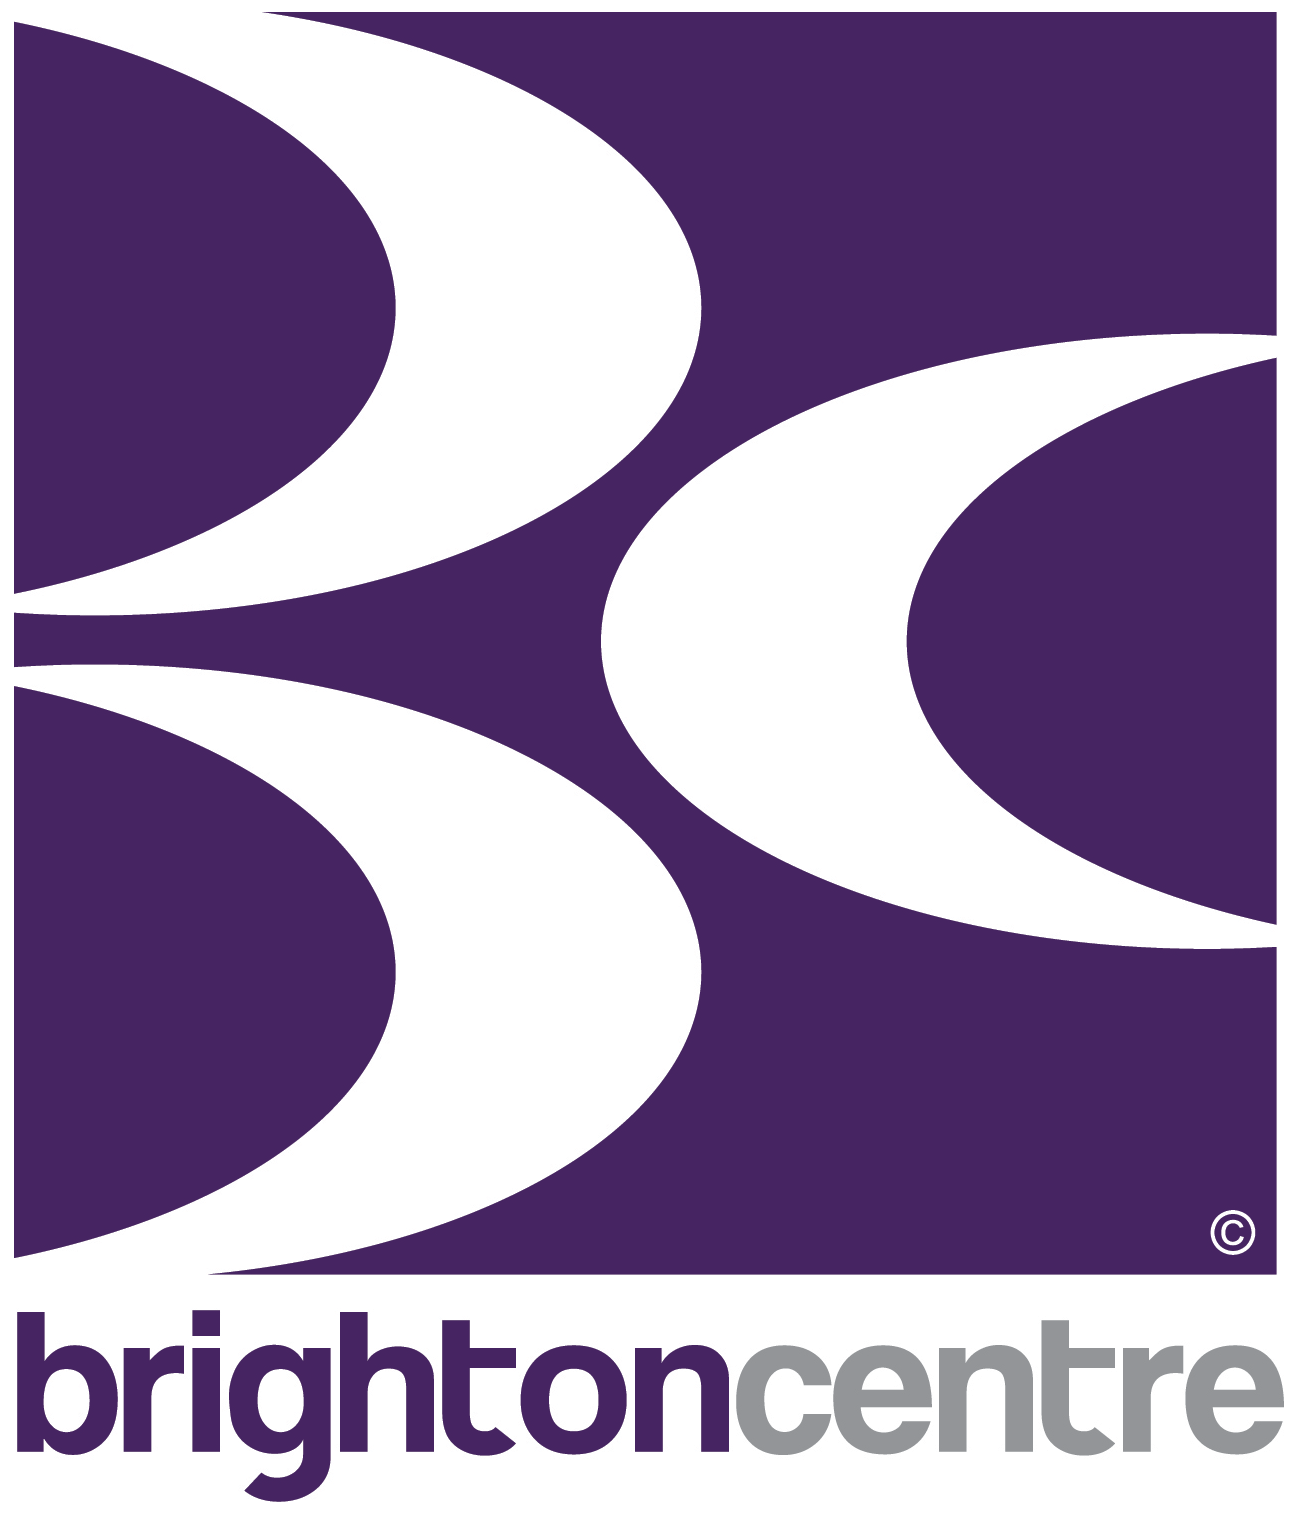 Brighton Centre - Live music and entertainment venue - Home